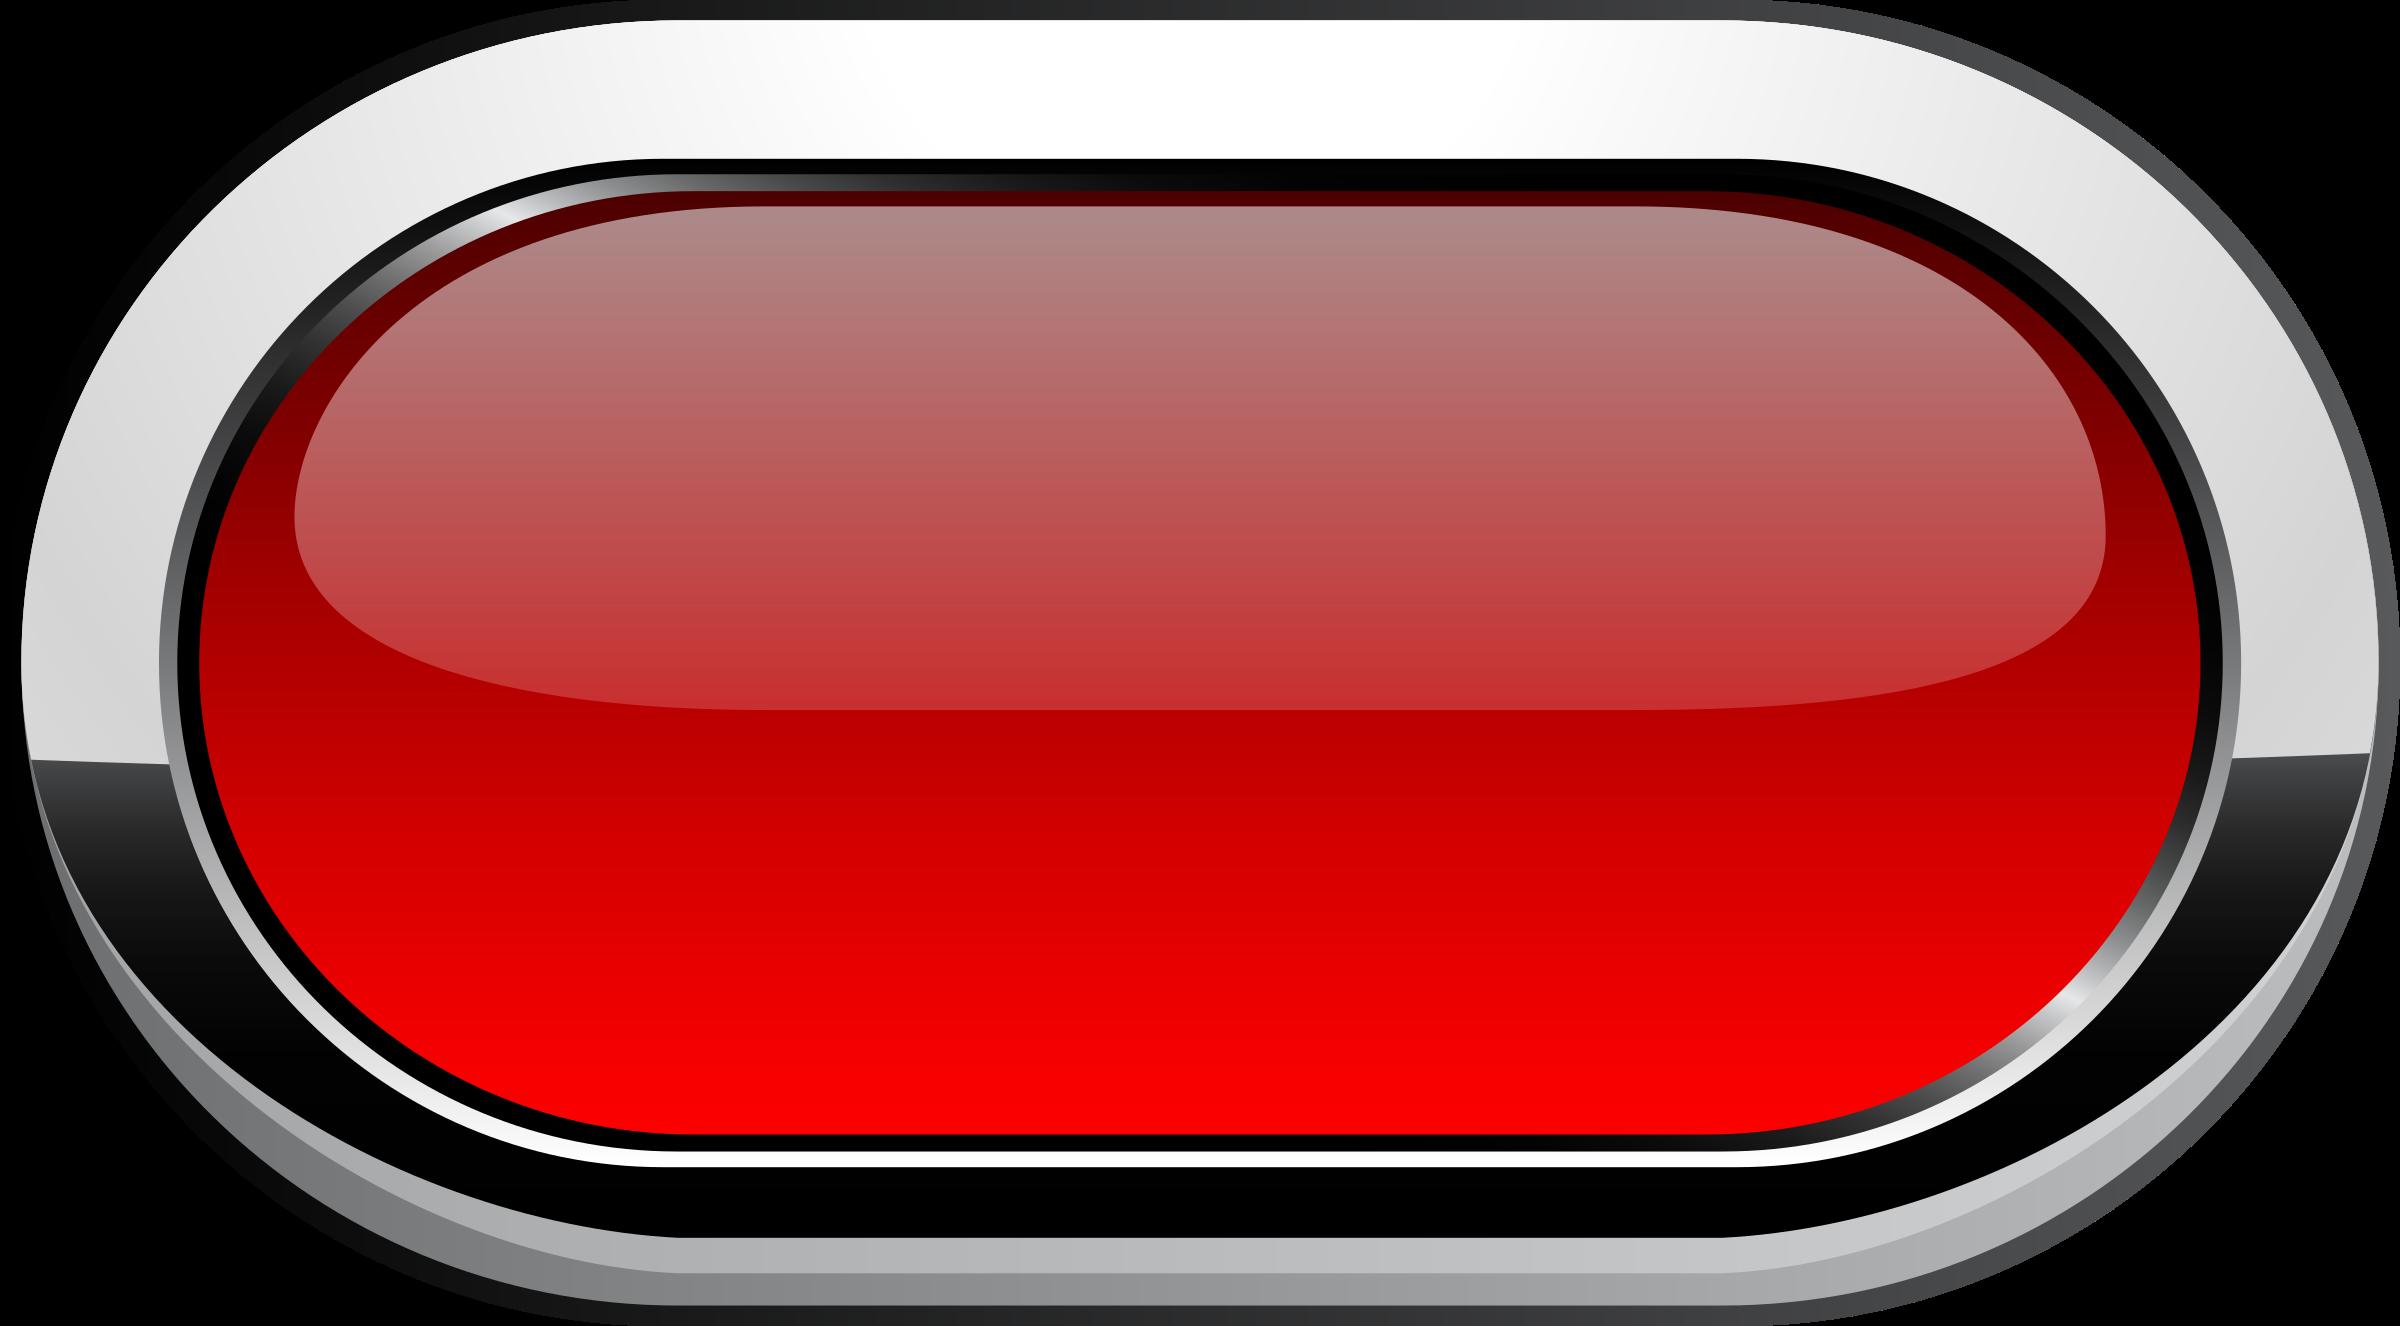 Button clipart transparent background, Button transparent ...